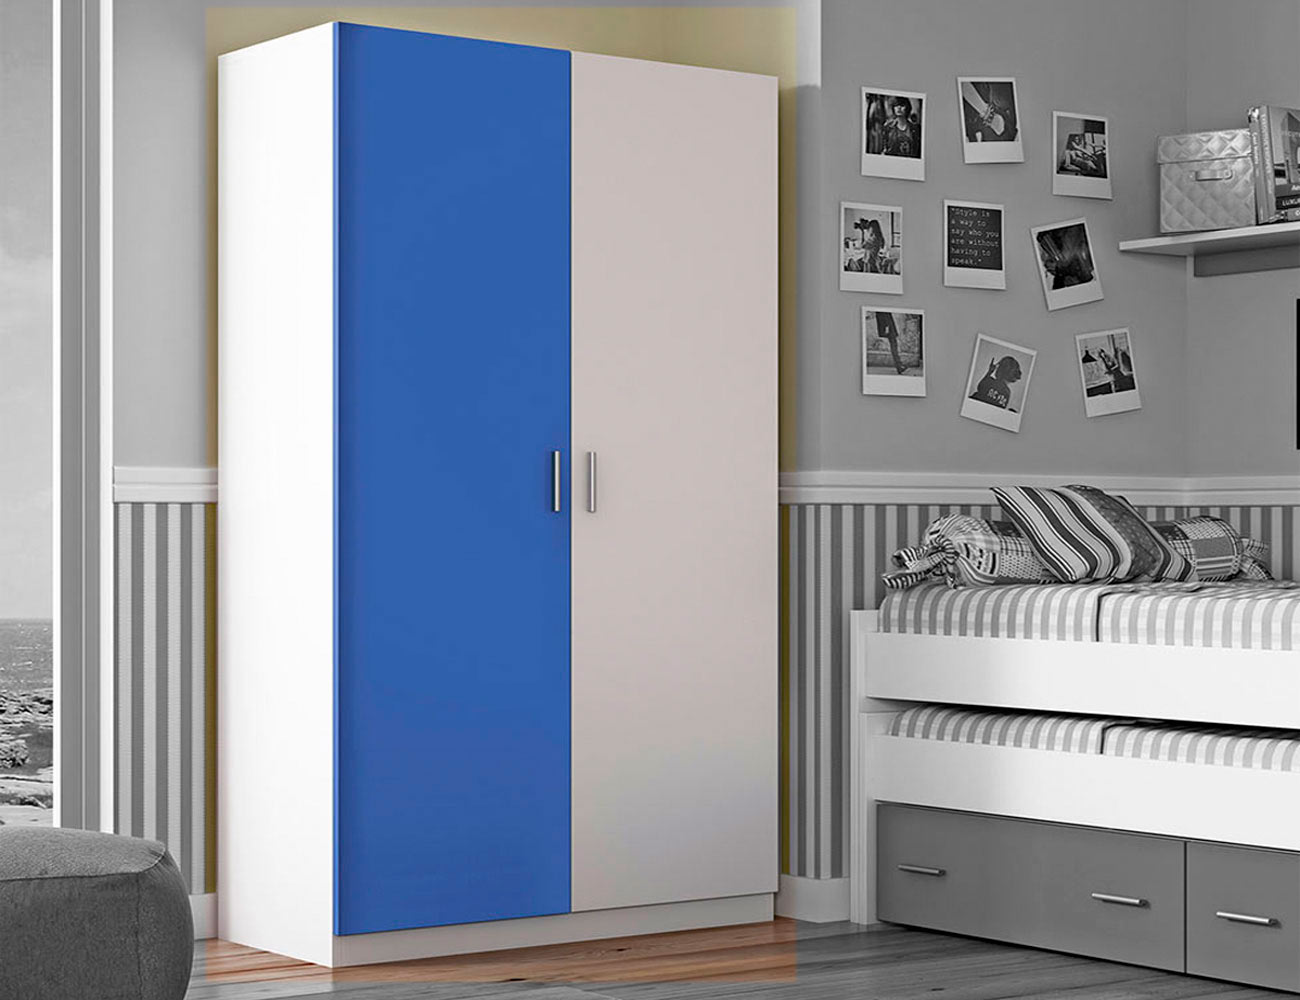 Armario 2 puertas blanco azul3